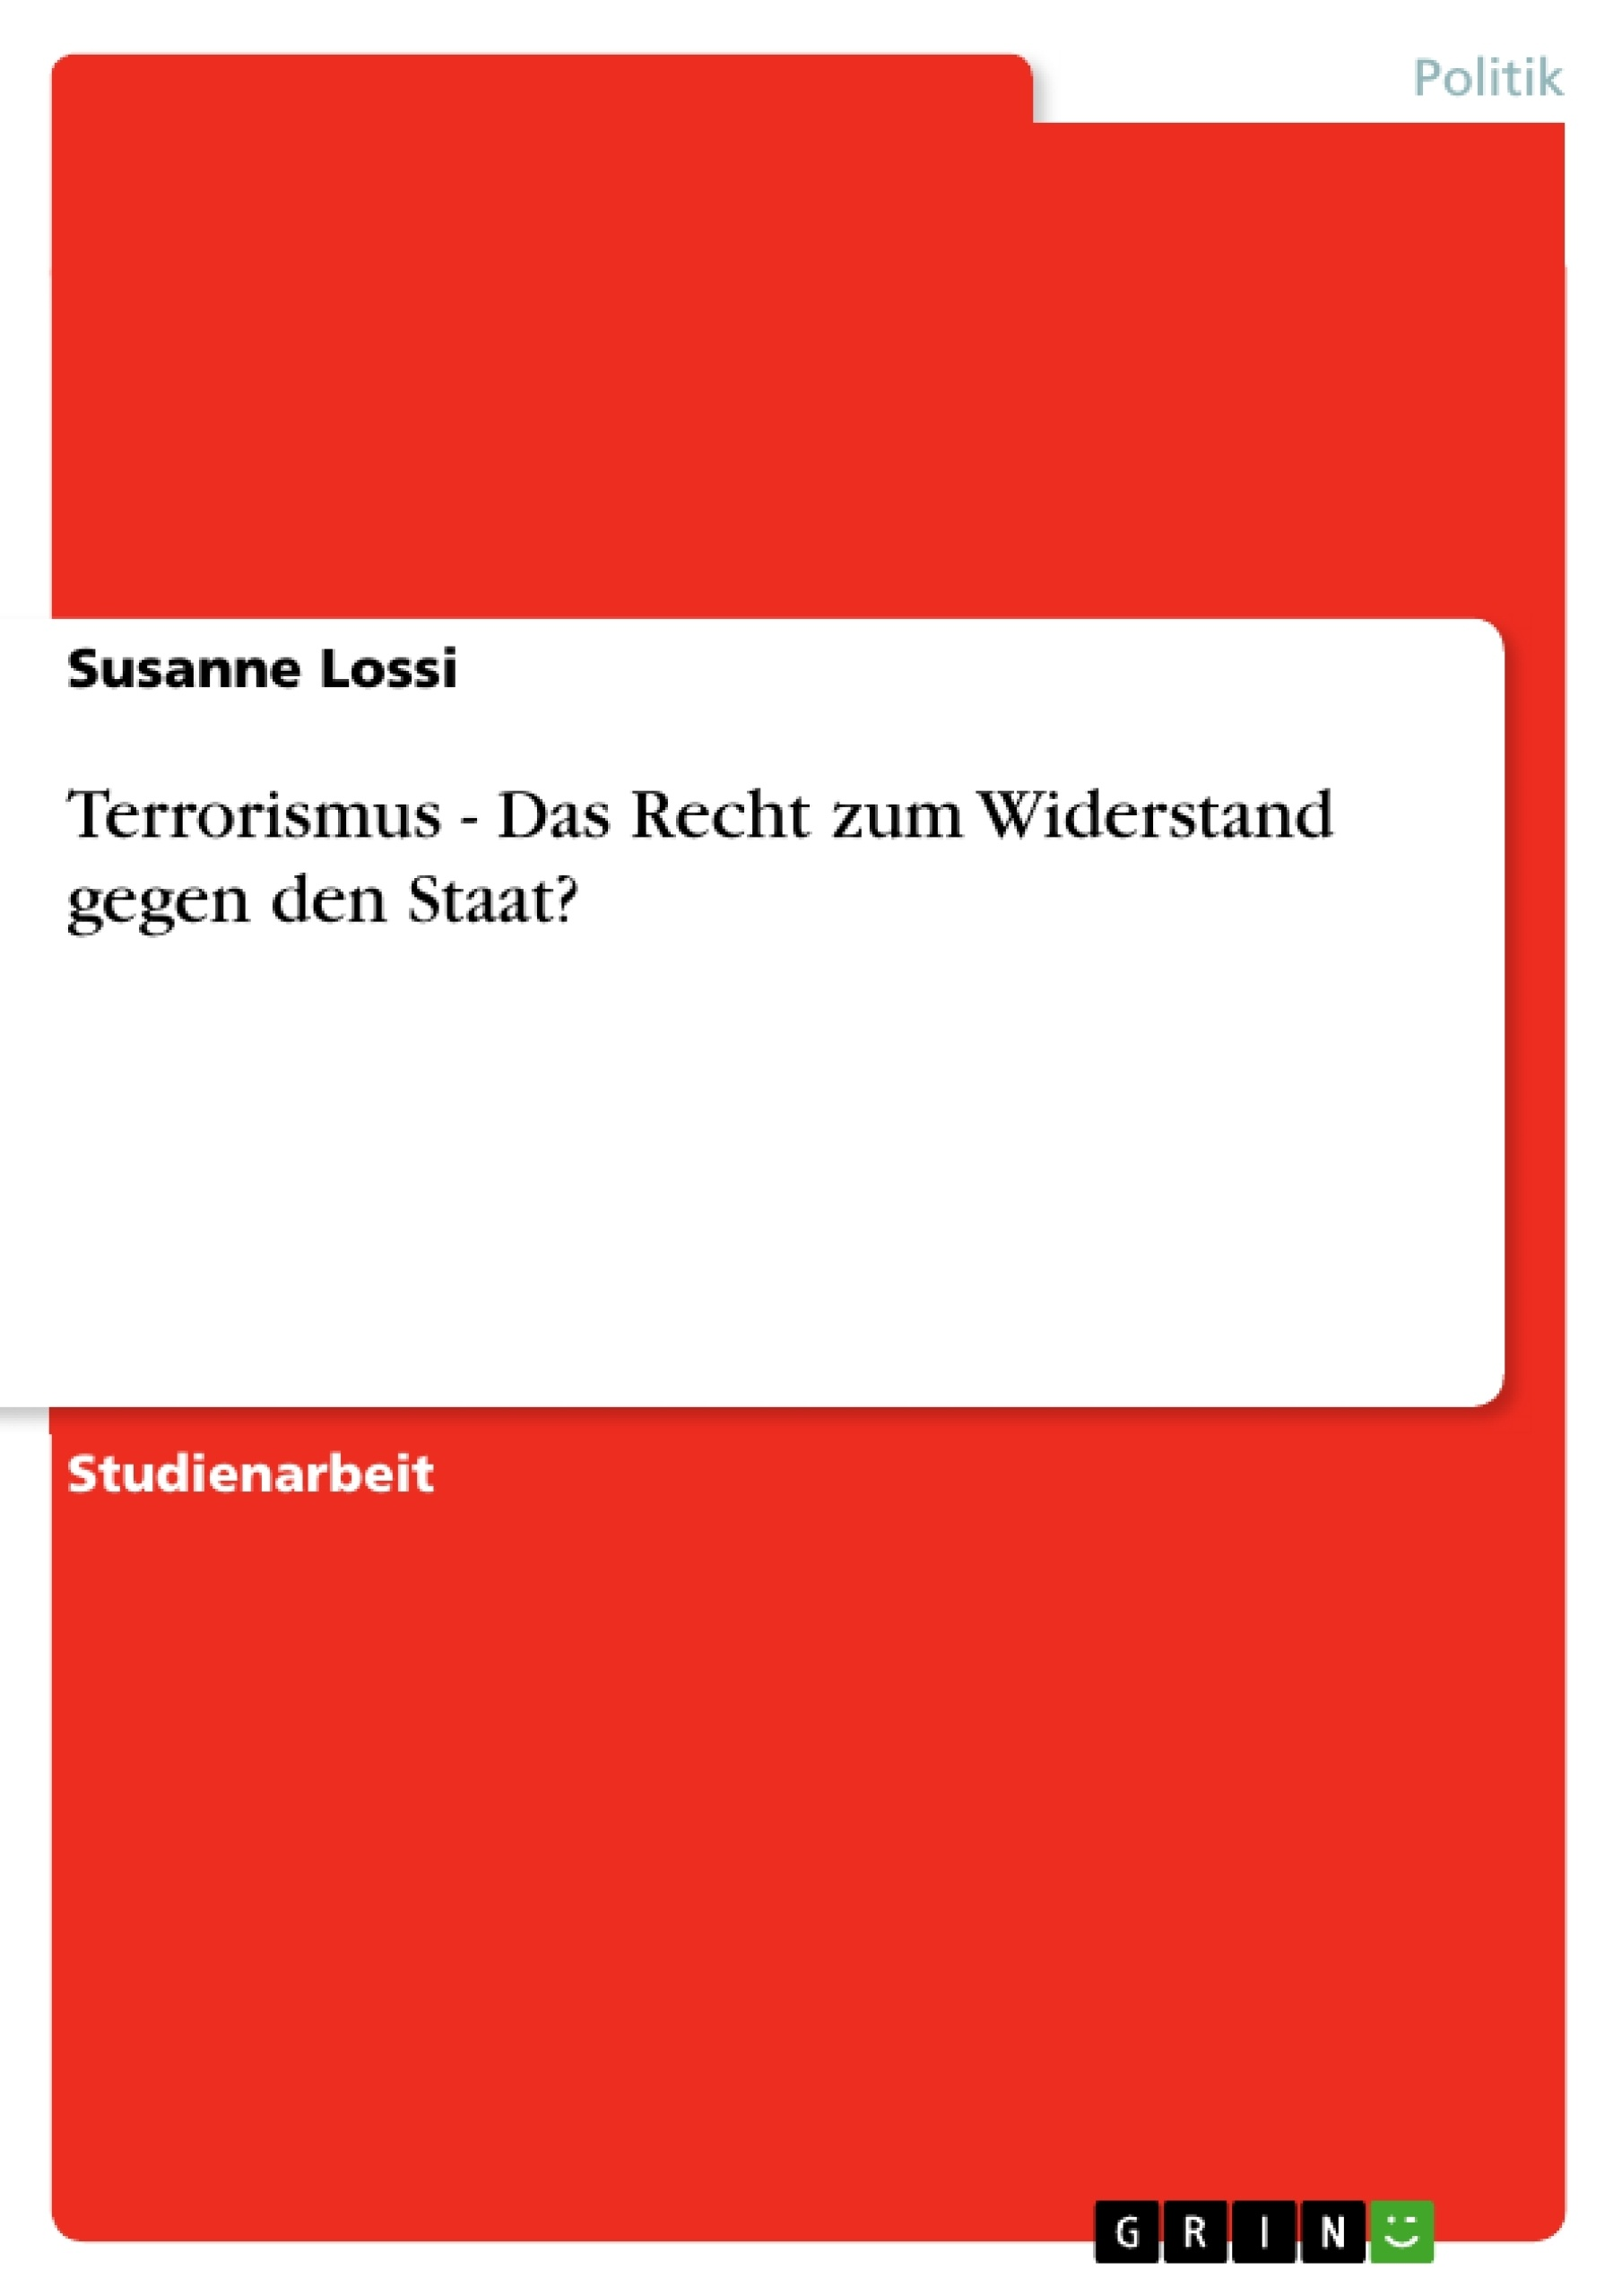 Titel: Terrorismus - Das Recht zum Widerstand gegen den Staat?